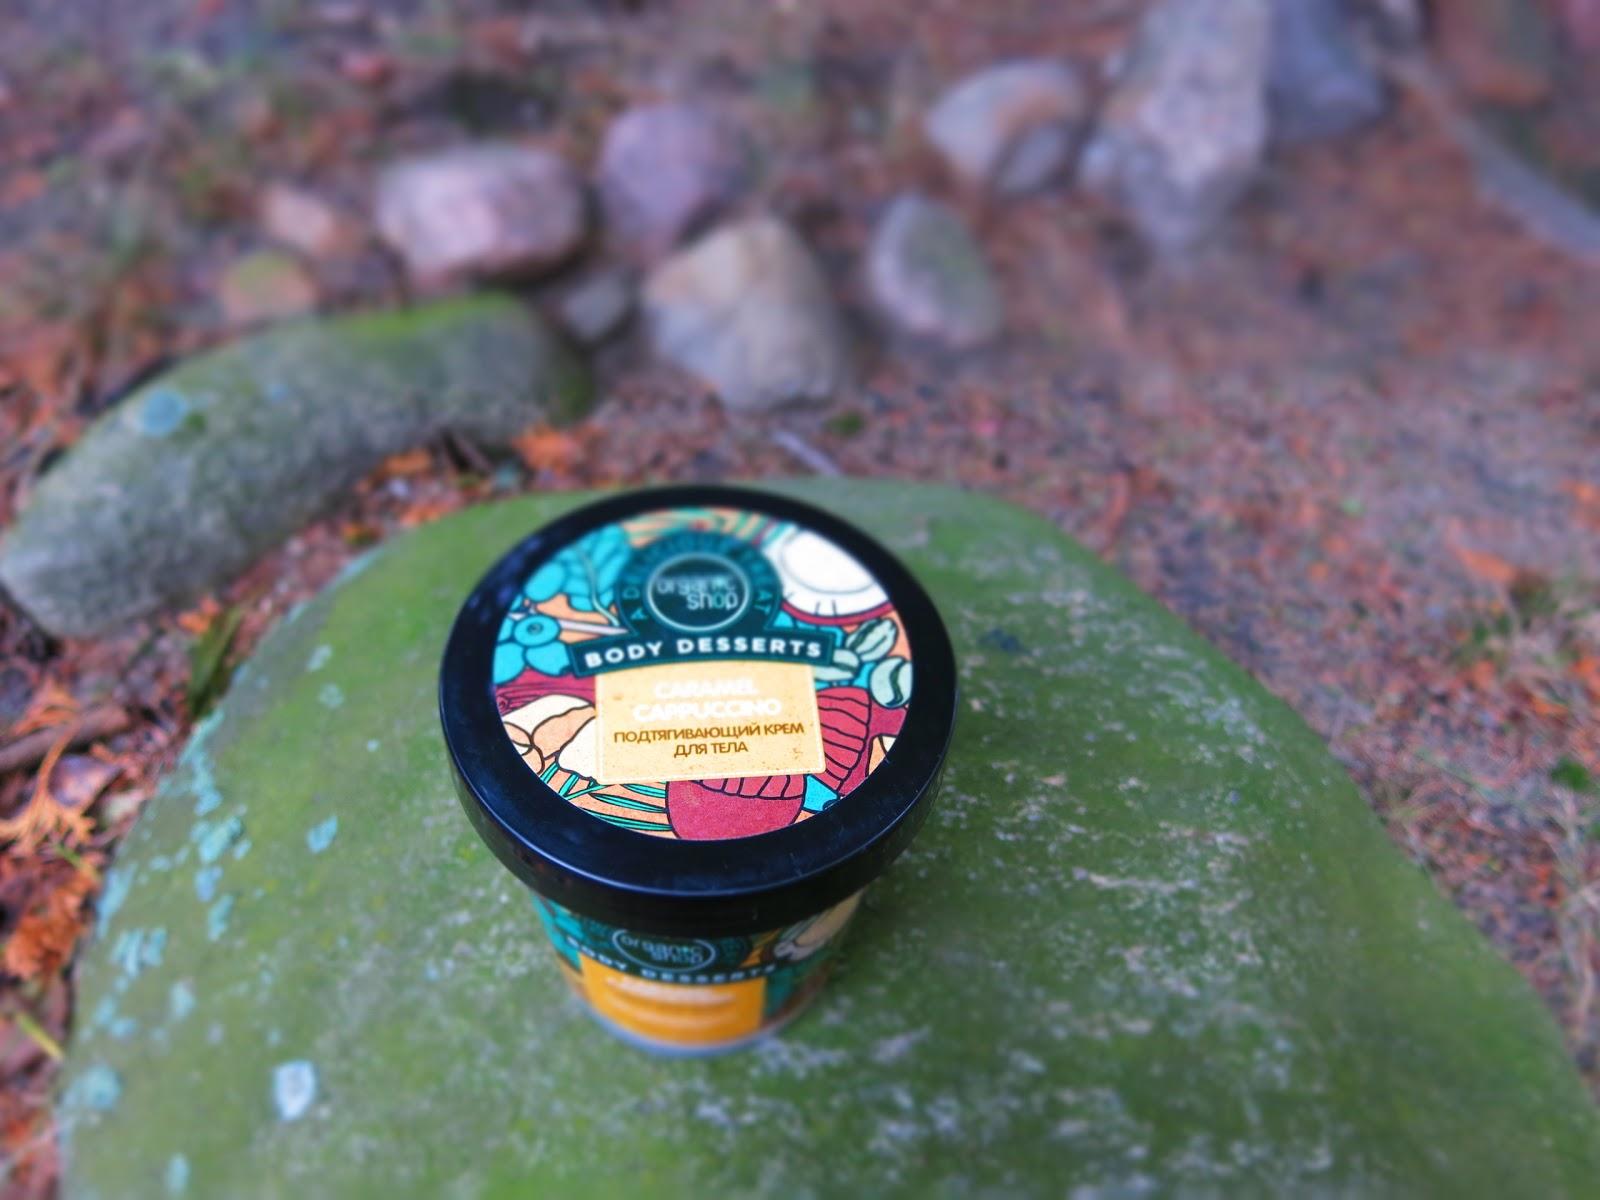 Organic Shop - Body Desserts. Ujędrniający krem do ciała - cappuccino i karmel.